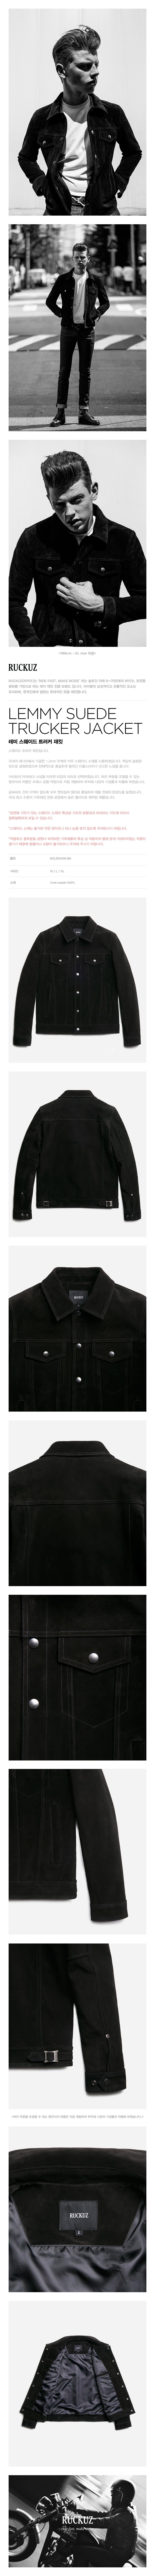 러커즈(RUCKUZ) 레미 스웨이드 트러커 재킷 블랙